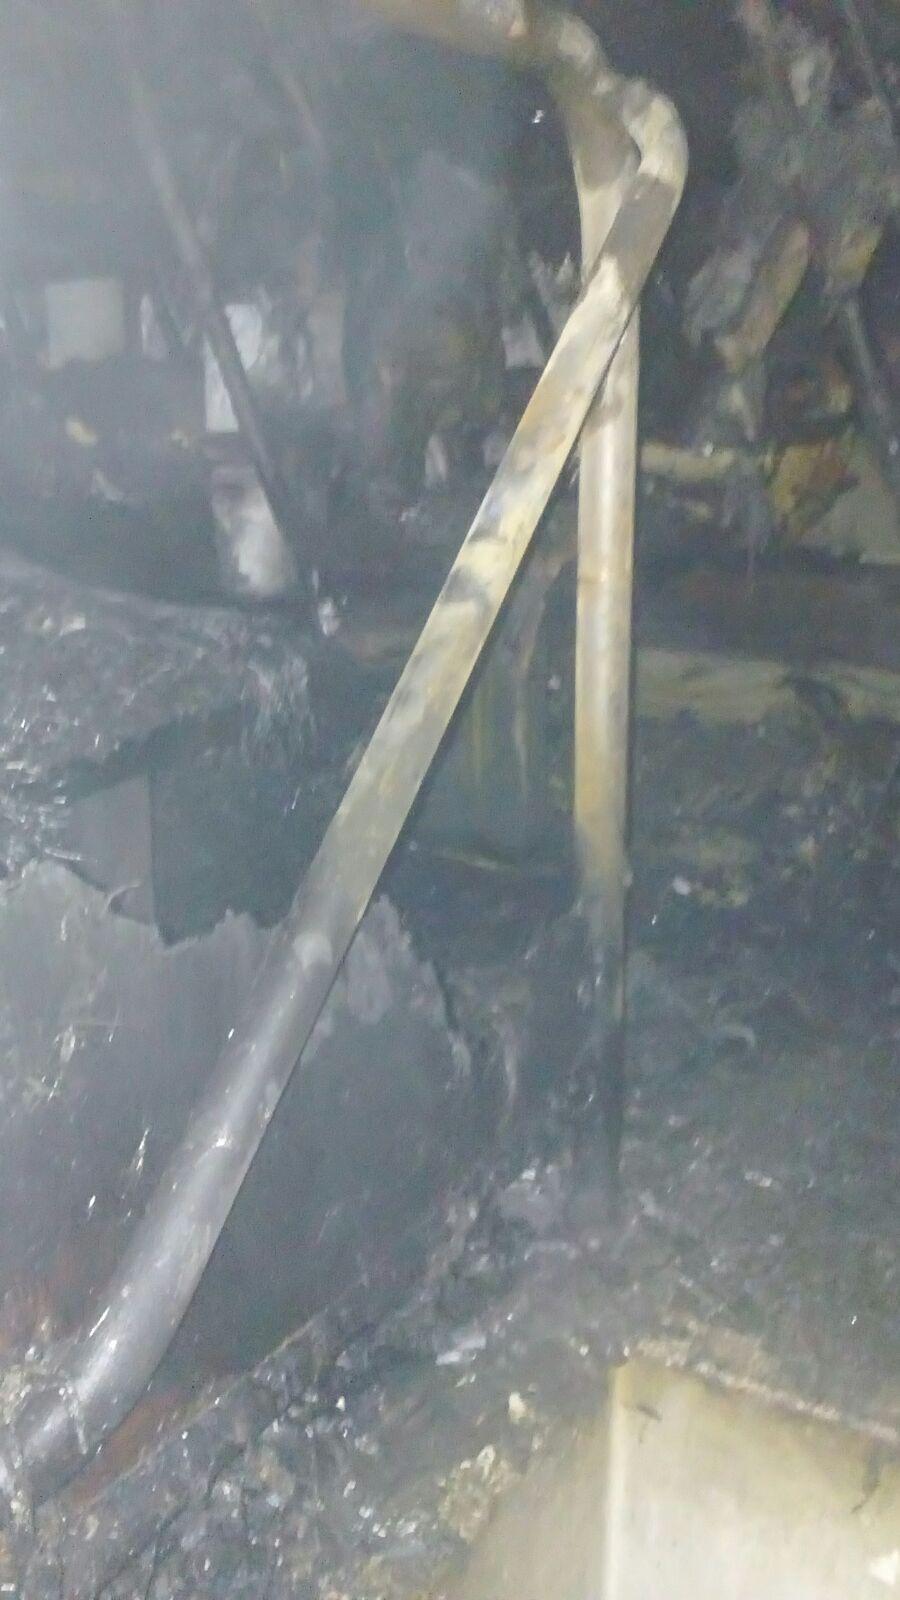 تفحم 5 أتوبيسات في حريق هائل بجراج بولاق الدكرور